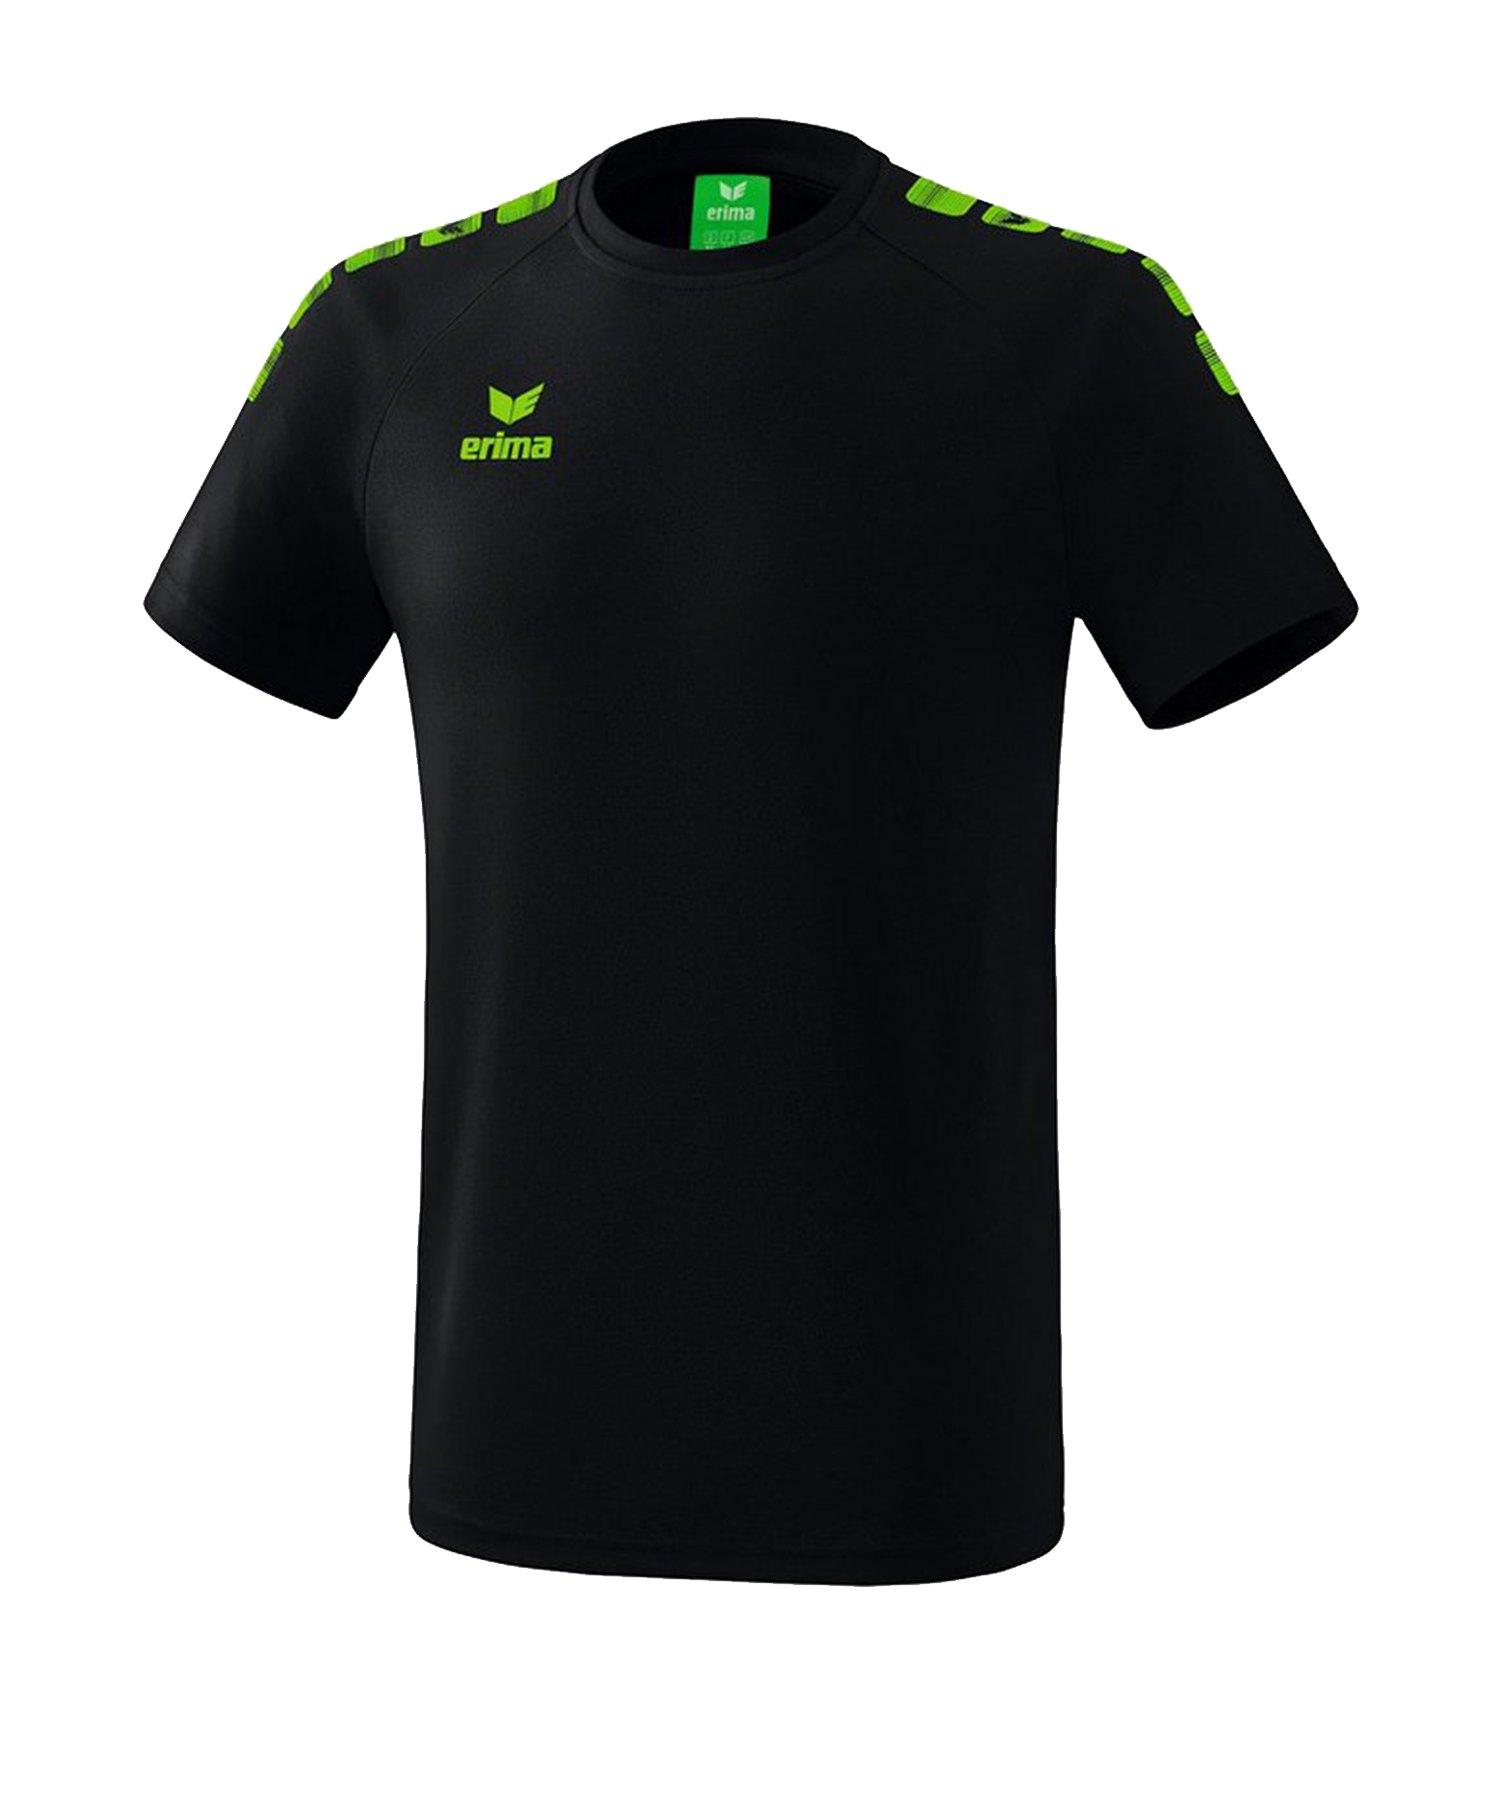 Erima Essential 5-C T-Shirt Schwarz Grün - Schwarz